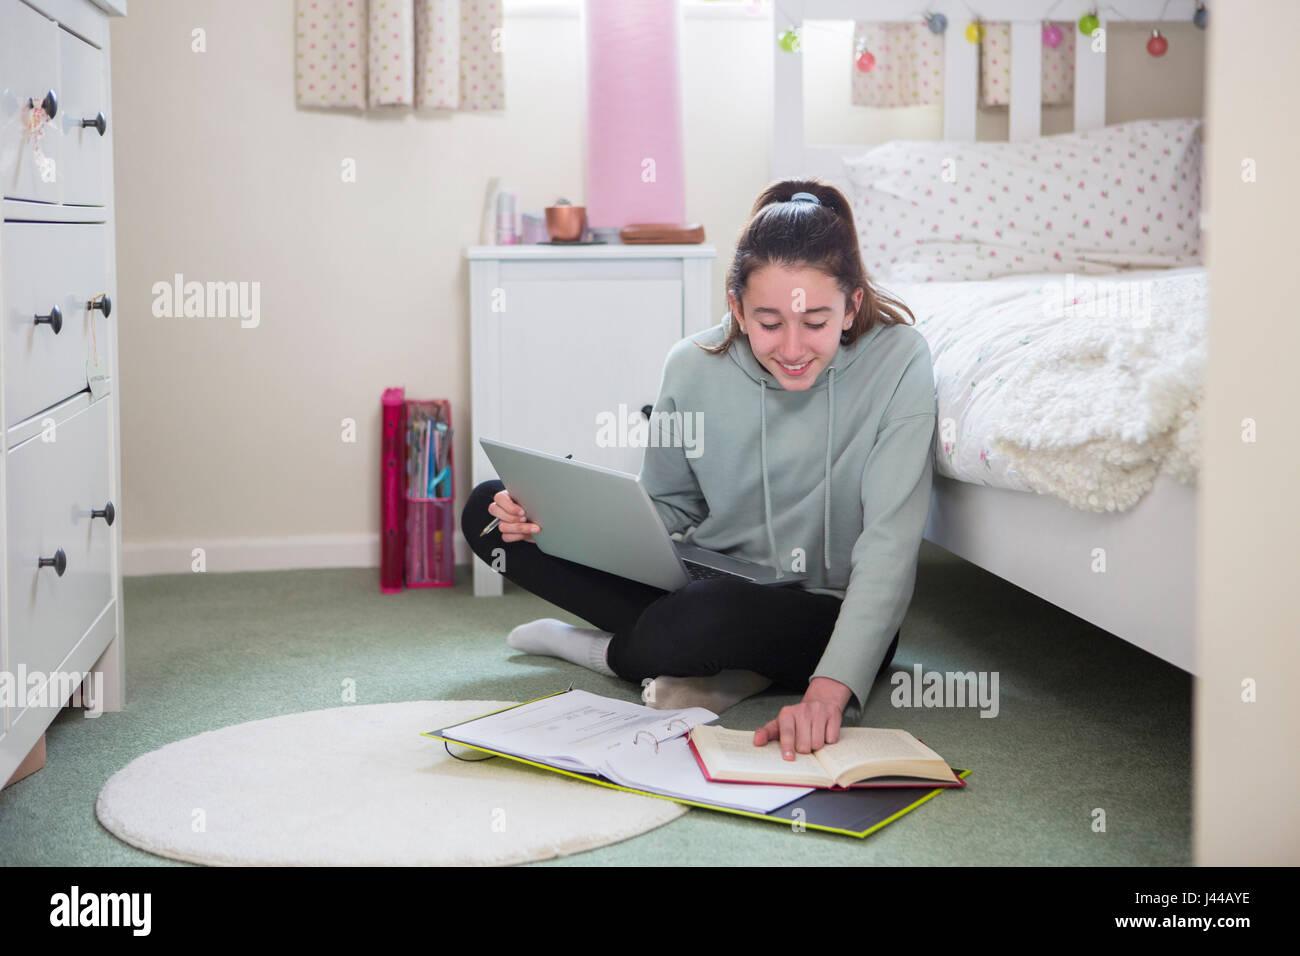 Jeune fille assise sur le plancher de chambre à faire leurs devoirs sur ordinateur portable Photo Stock